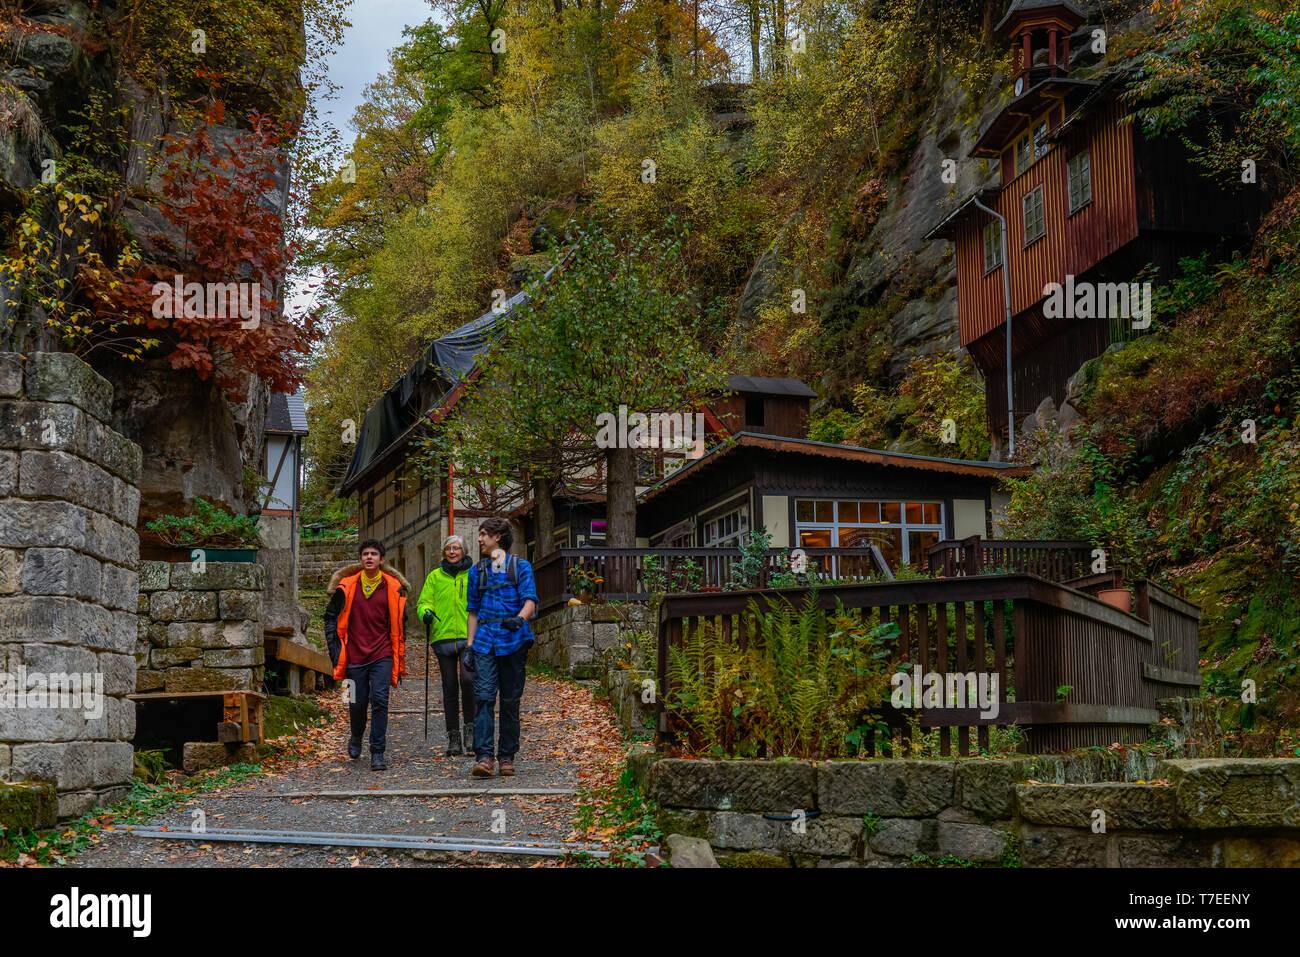 Rathewalder Muehle, Nationalpark Saechsische Schweiz, Sachsen, Deutschland, Rathewalder M³hle - Stock Image